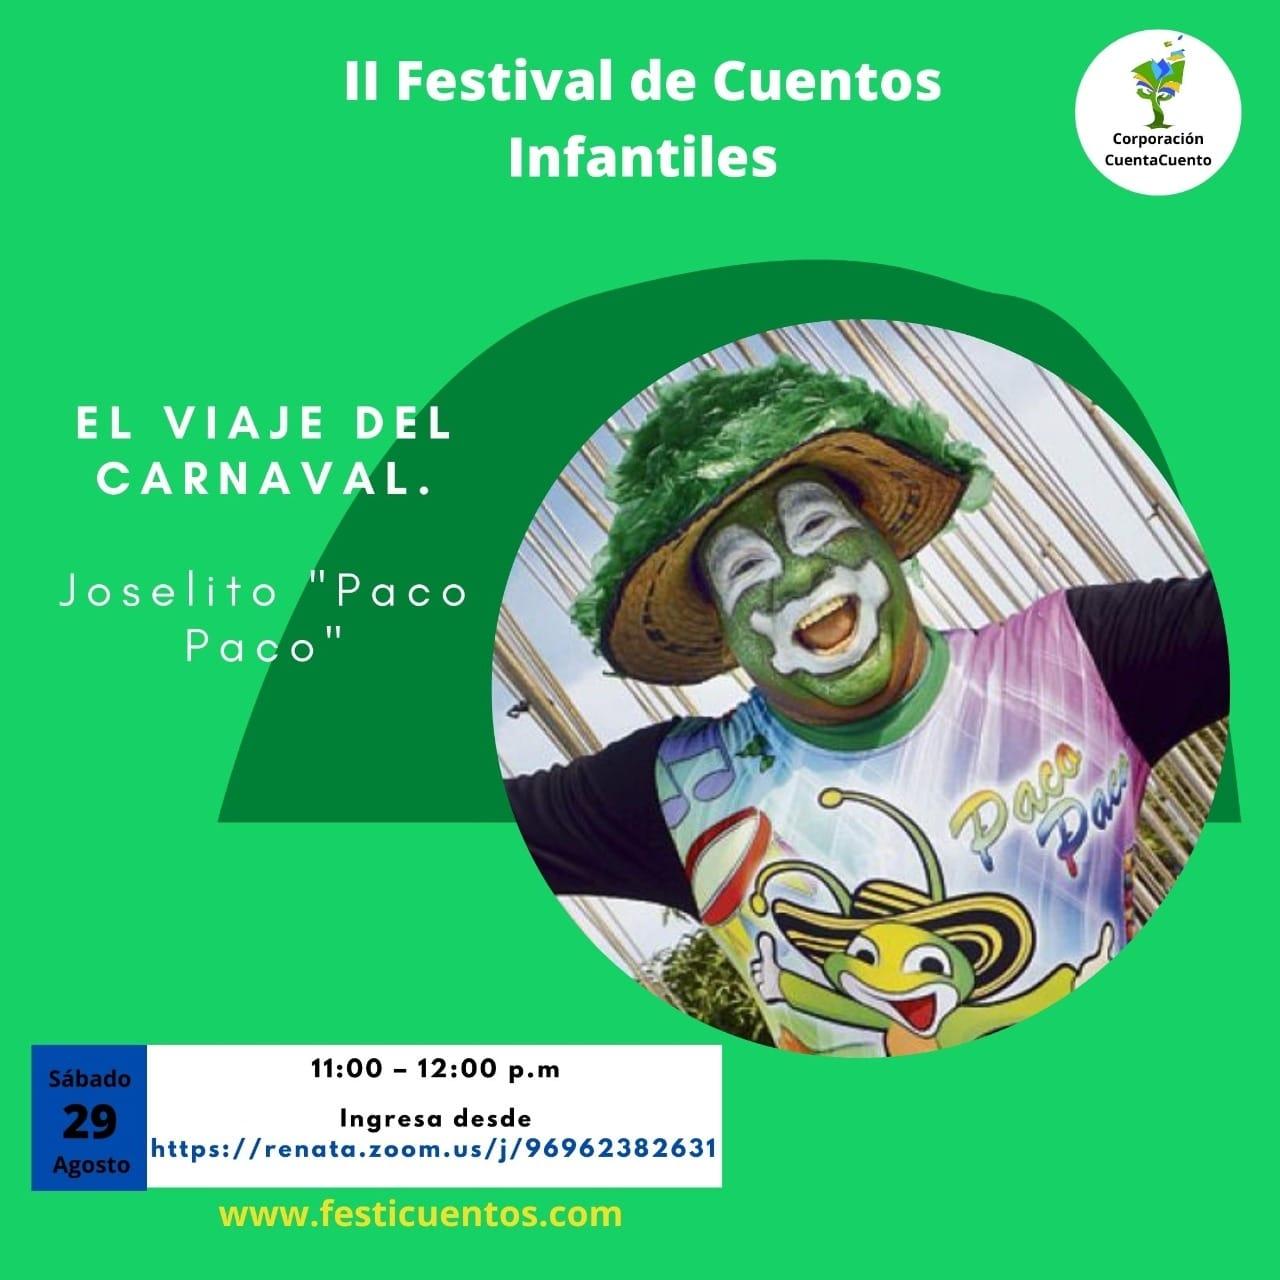 'El Viaje del Carnaval' invitado al Festival de Cuentos Infantiles de Cartagena